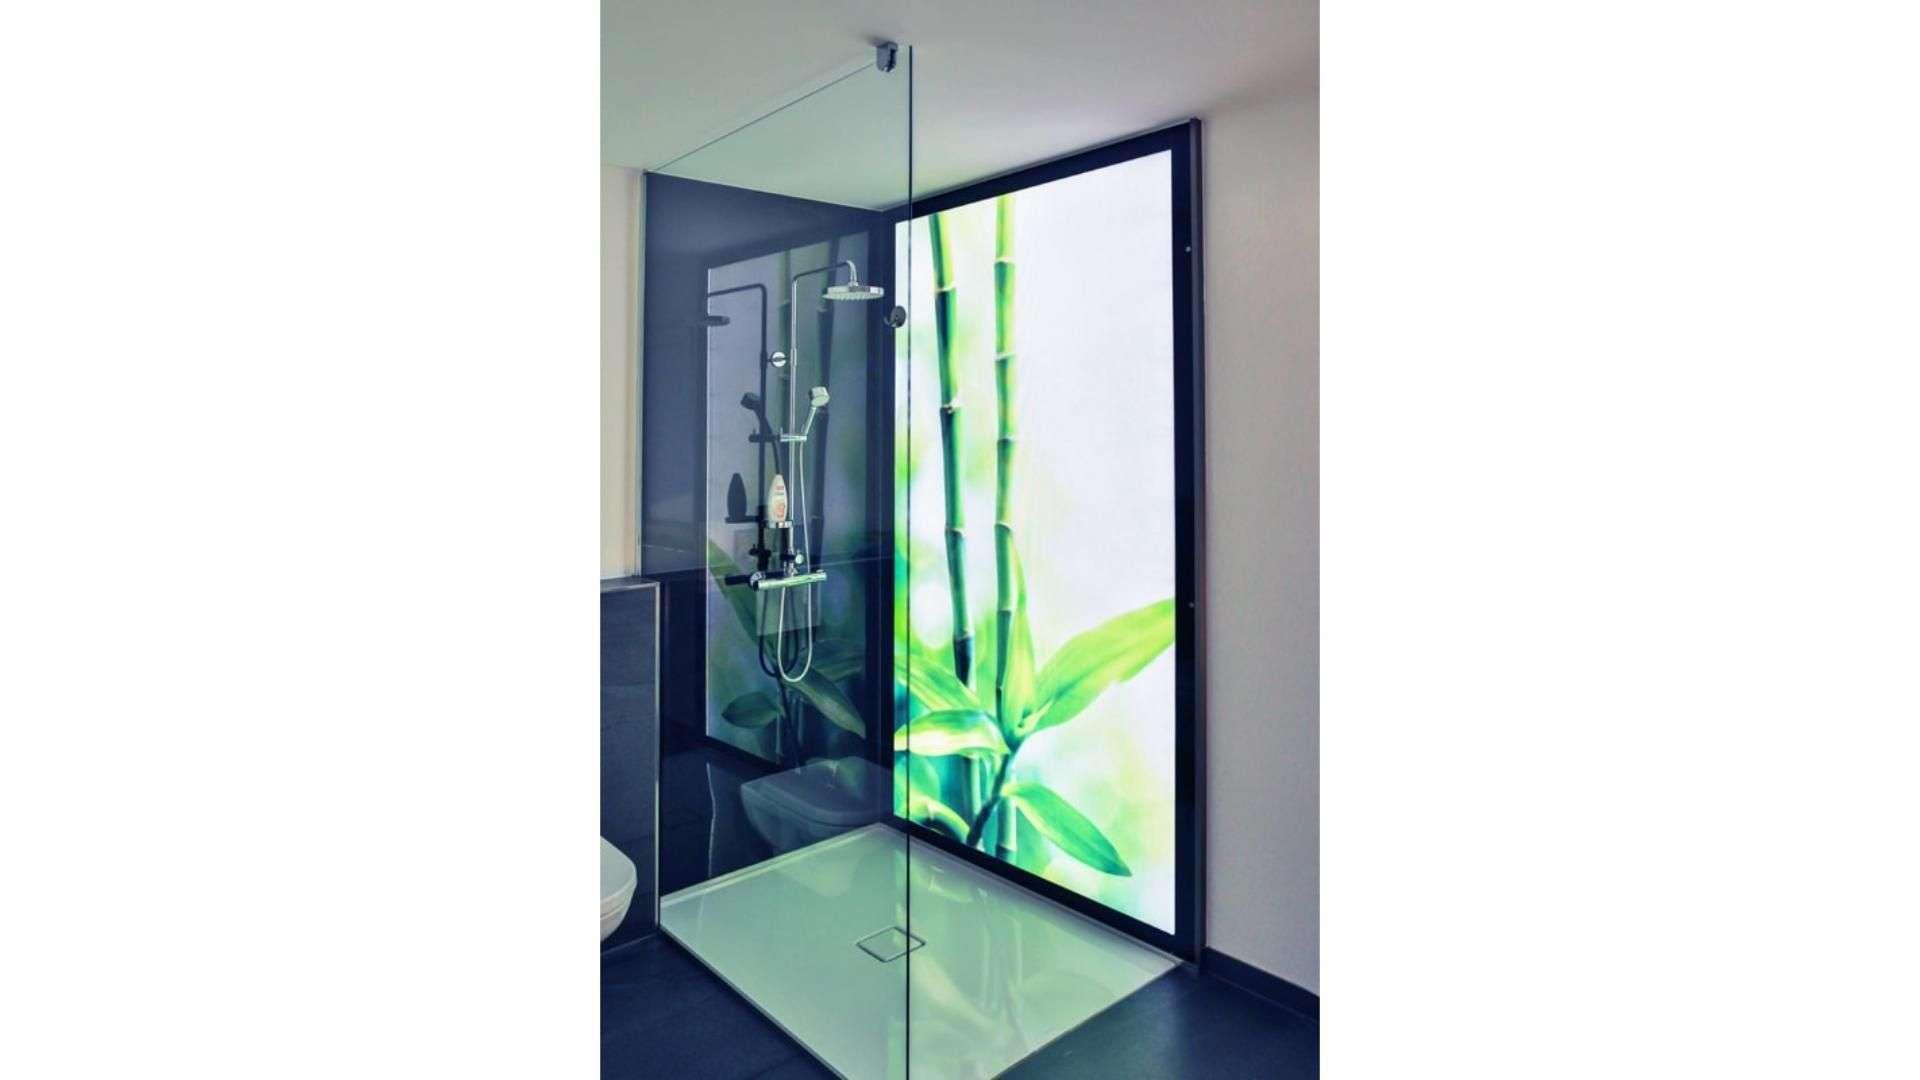 Dusche mit beleuchteter Glasrückwand mit Motivdruck